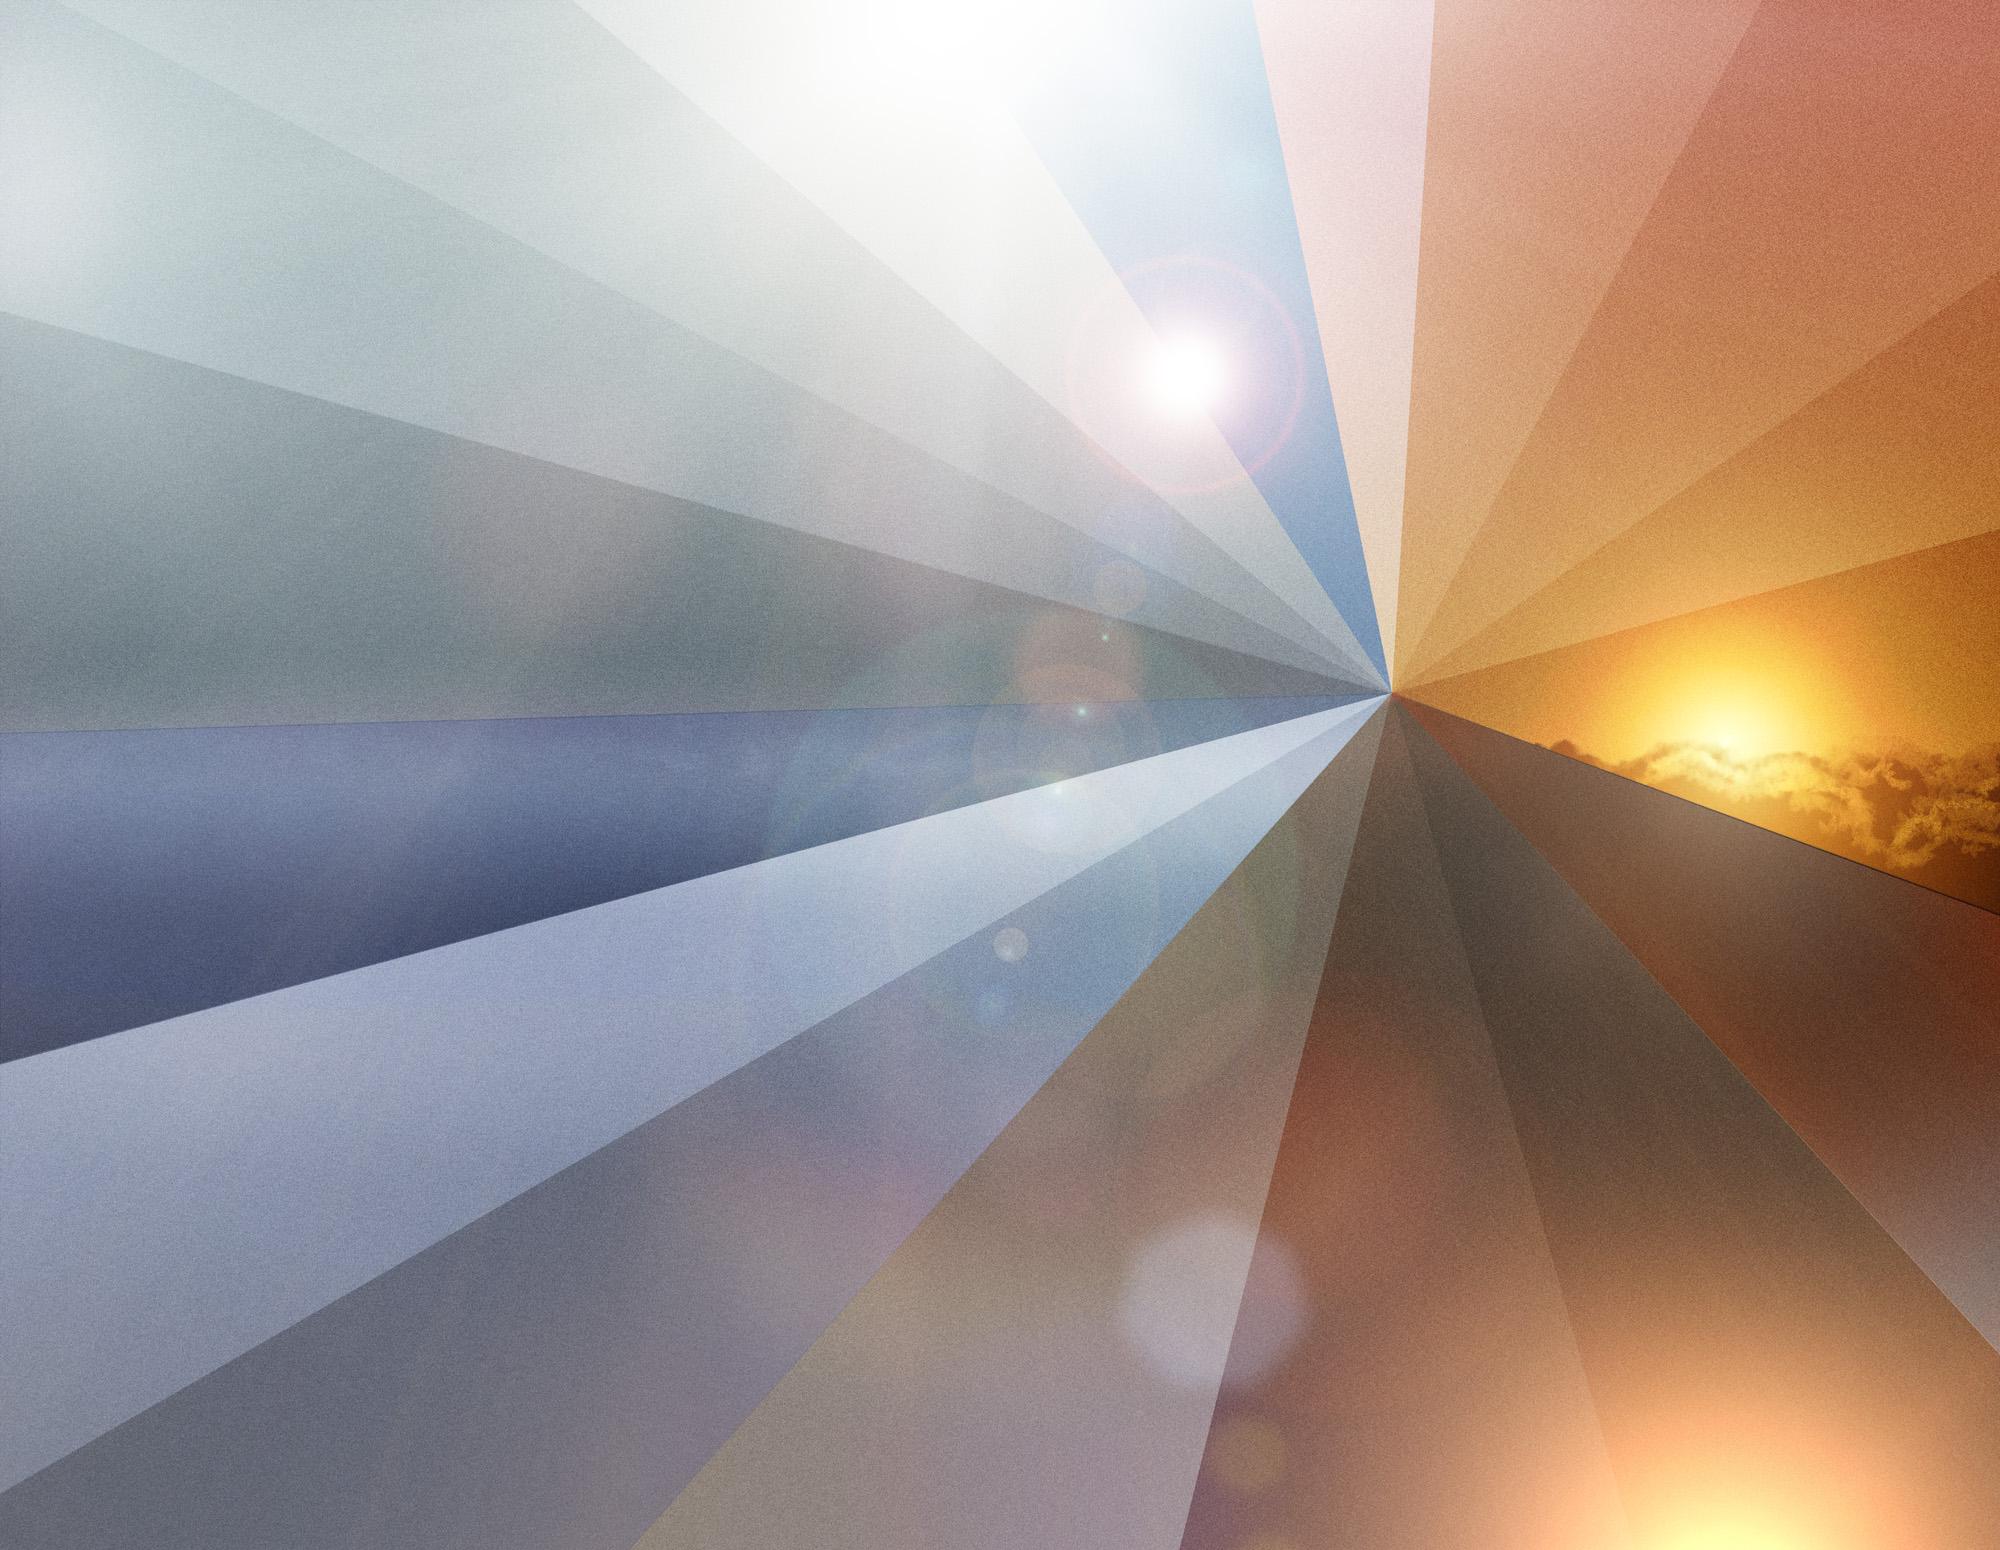 Light Illustrations